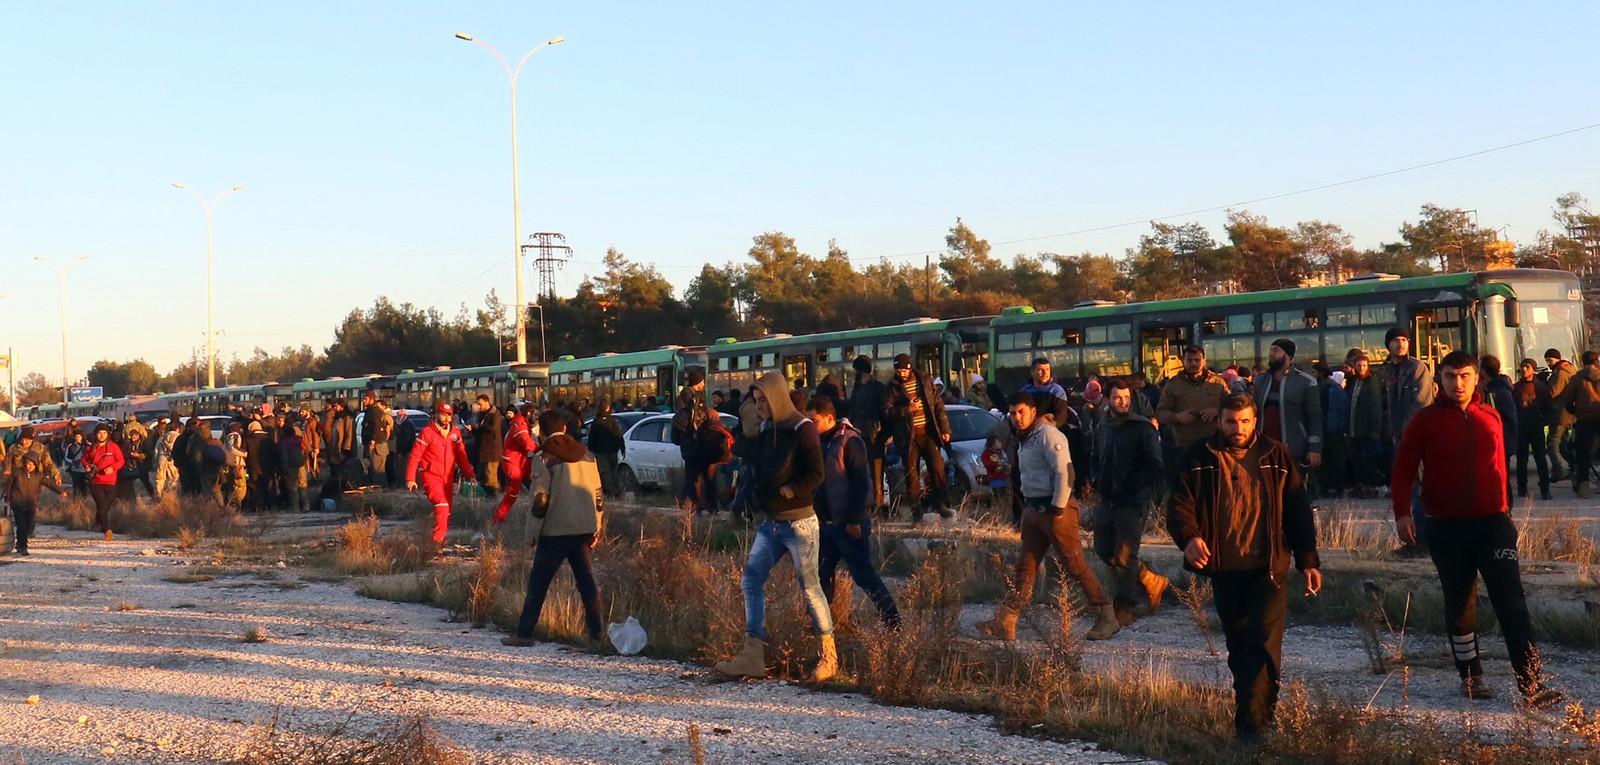 Evakuerte går av bussen i al-Rashideen.